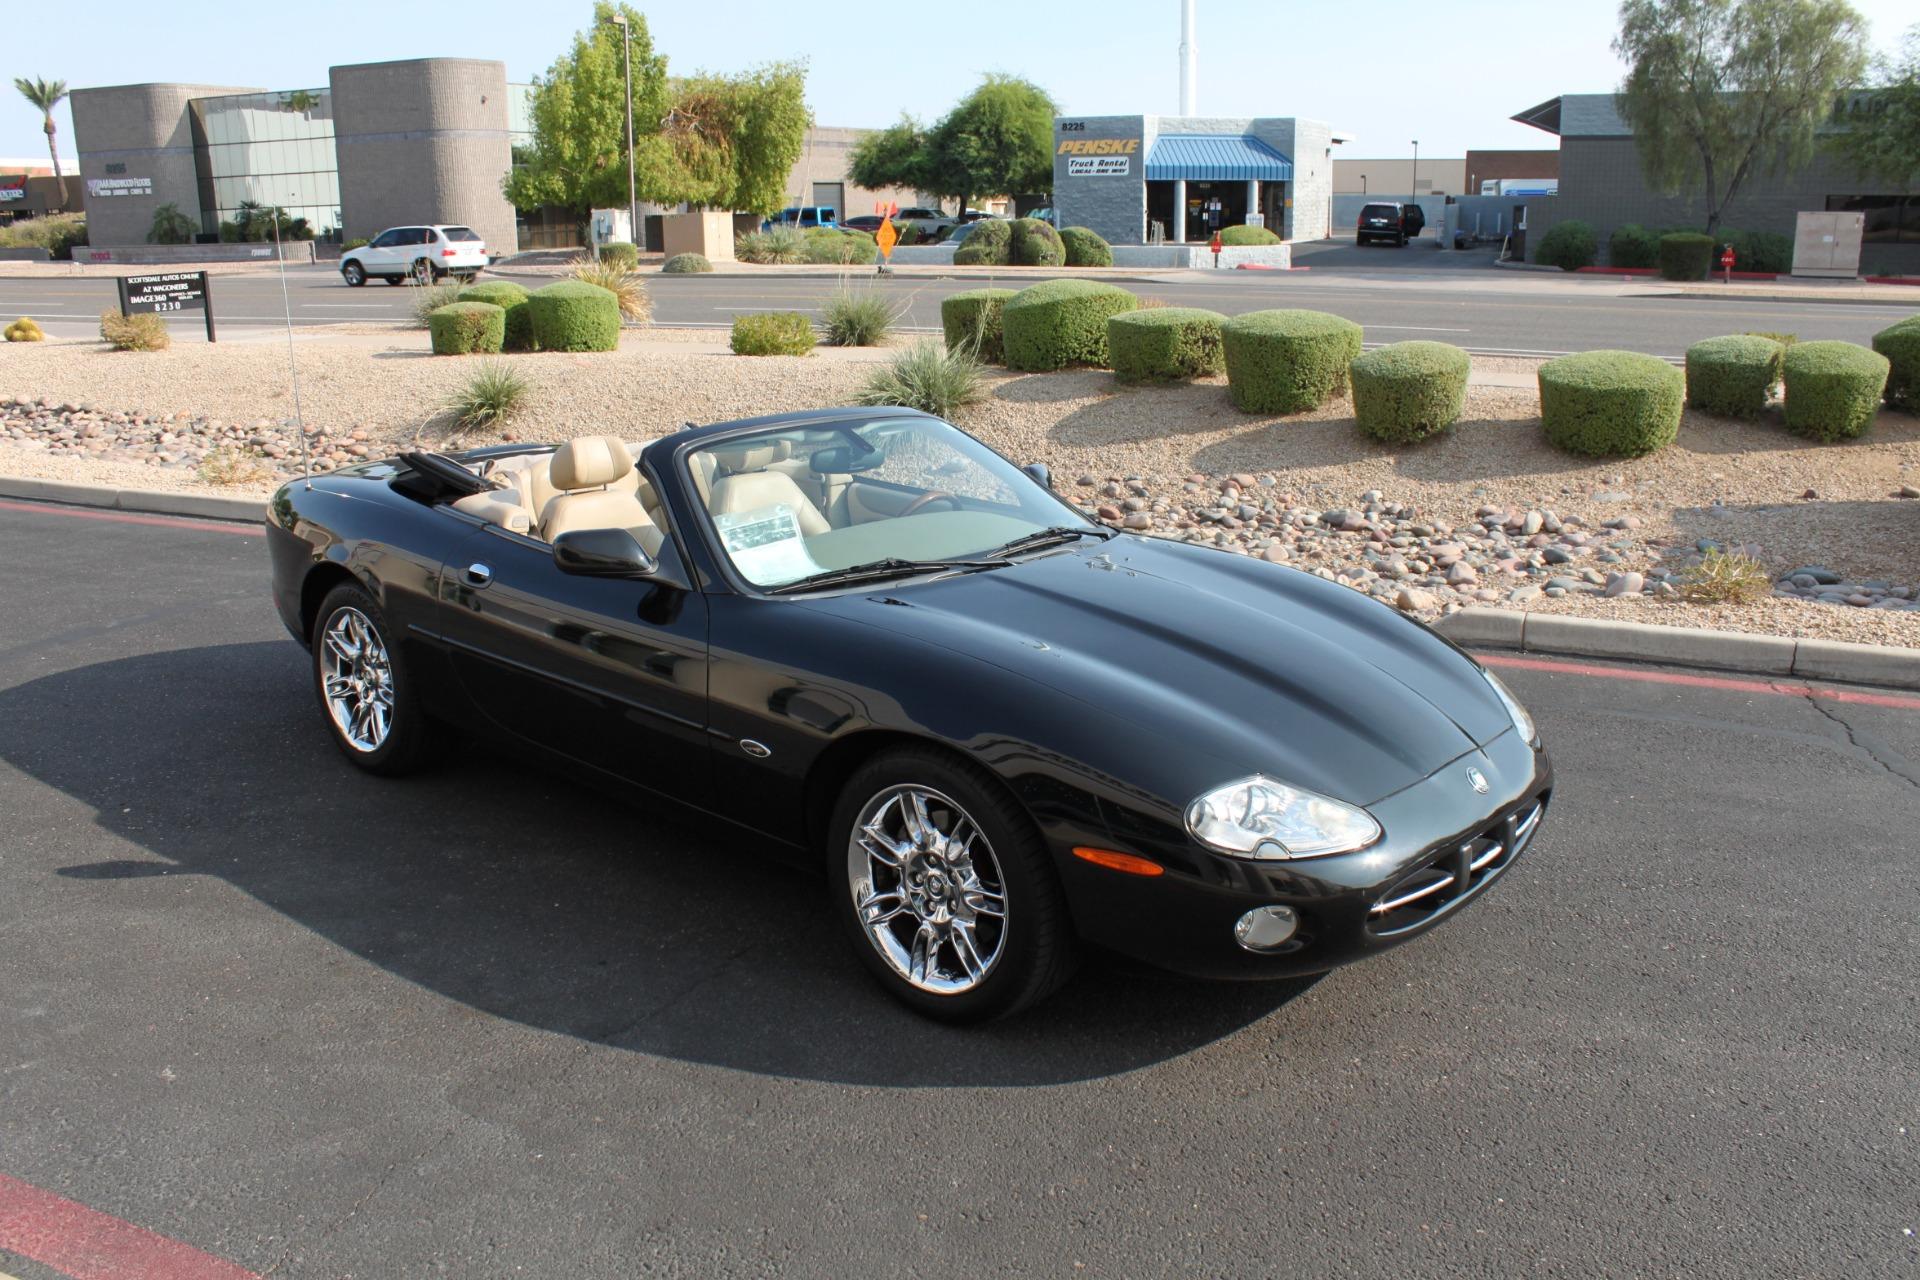 Used-2002-Jaguar-XK8-Convertible-XK8-LS400